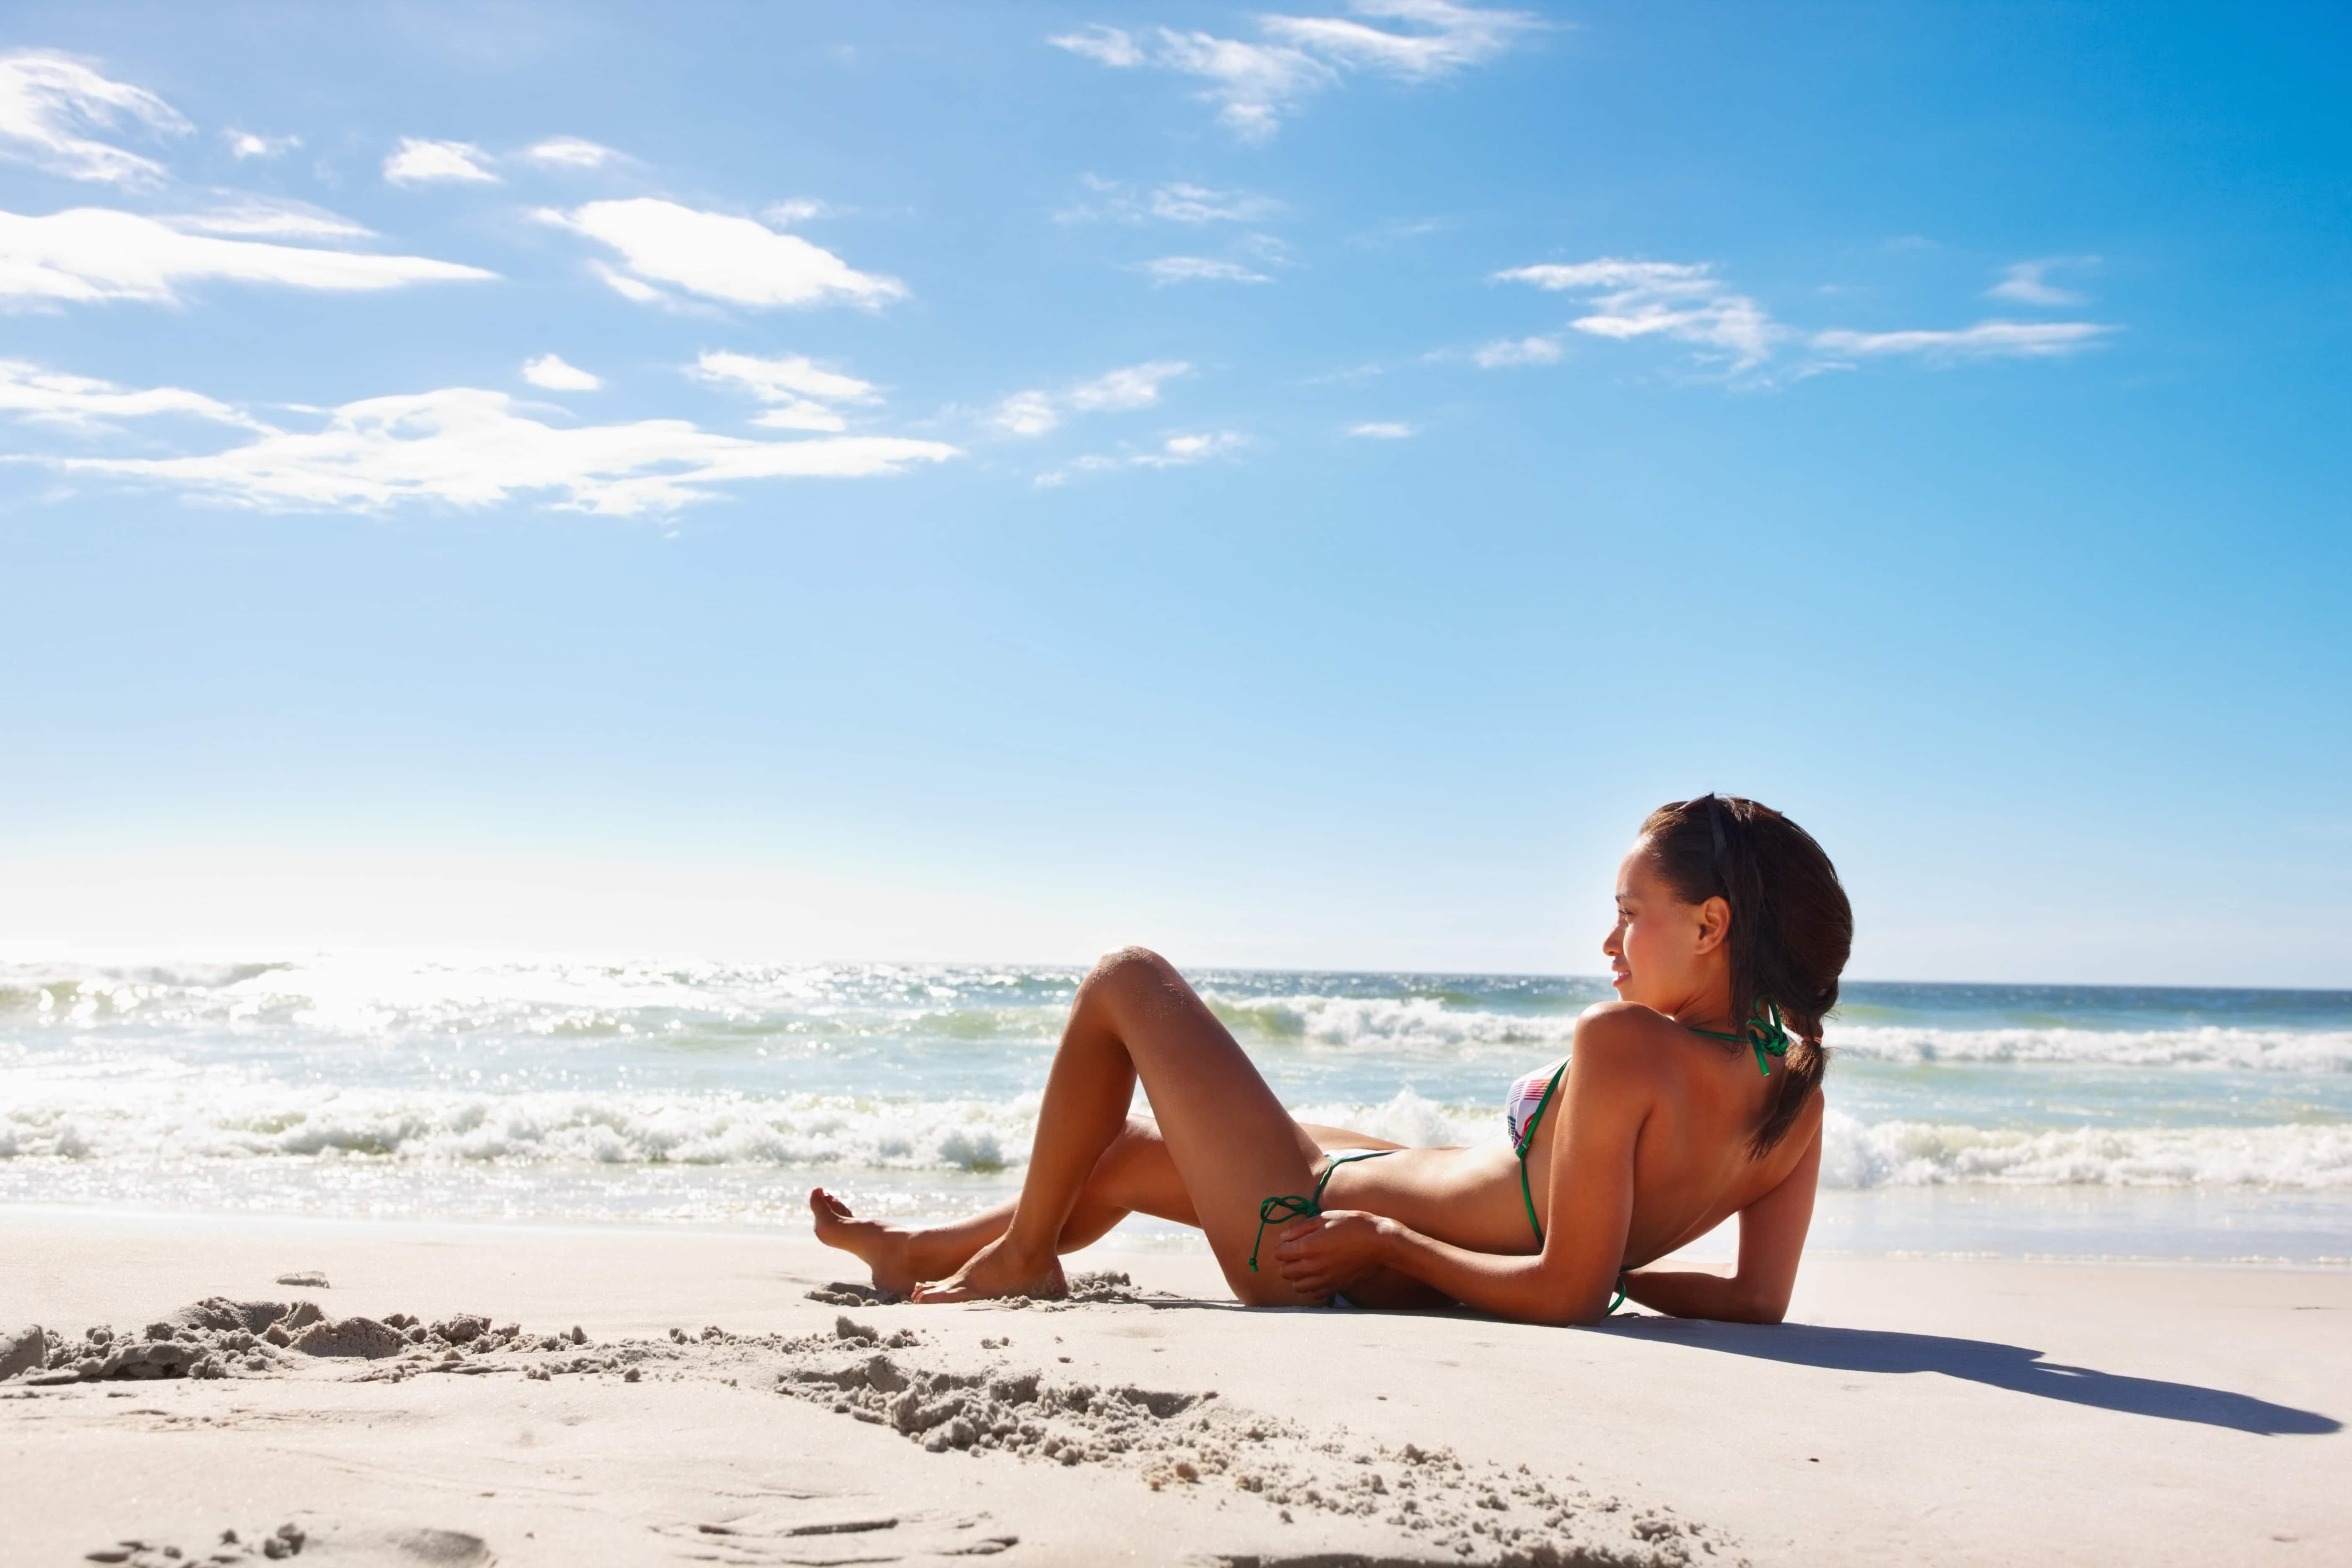 El protector solar no es suficiente para evitar el cáncer de piel